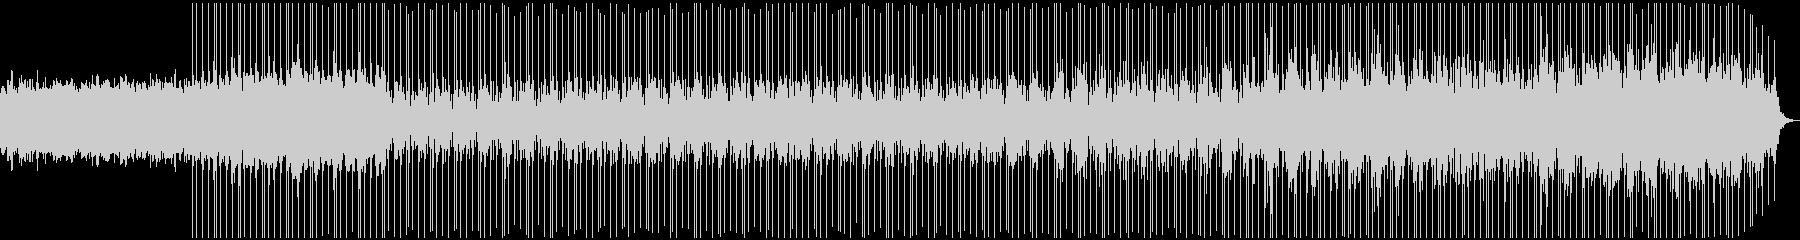 ダークでゆったりとしたエレクトロニカの未再生の波形